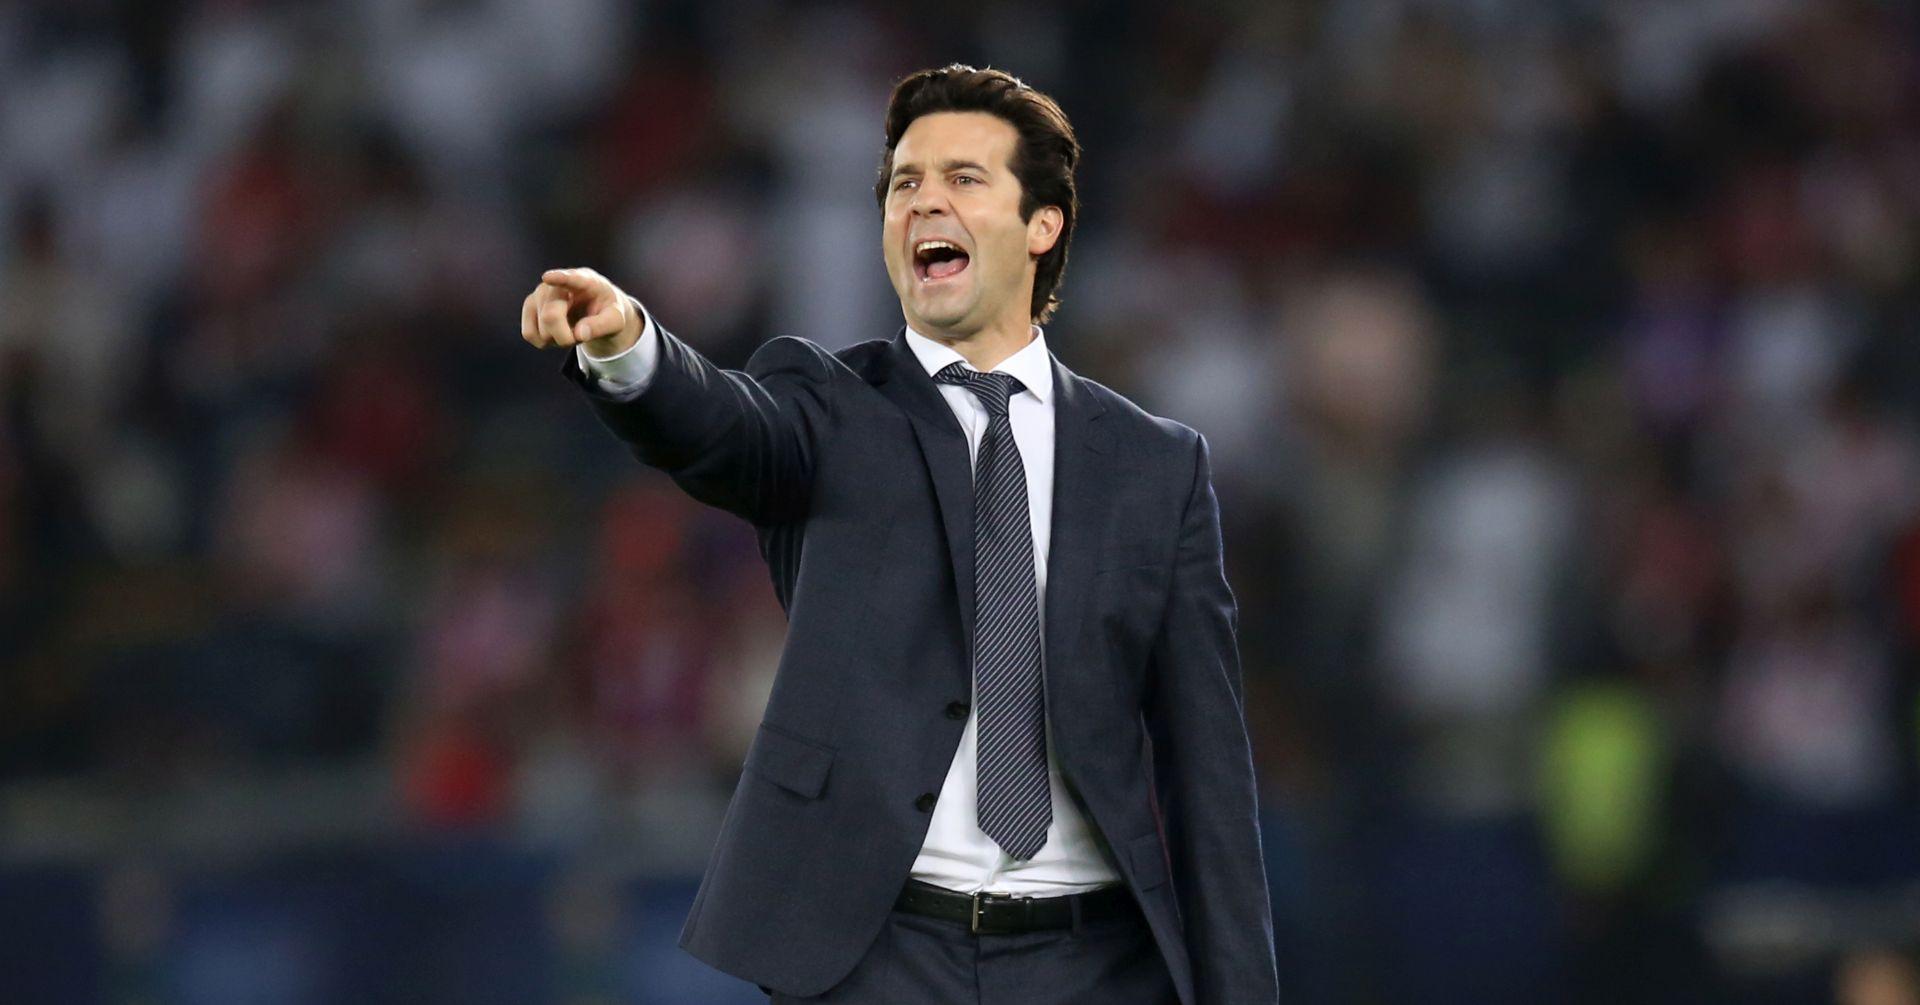 NE SLAŽE SE S MODRIĆEM Solari vidi zajedništvo u Real Madridu